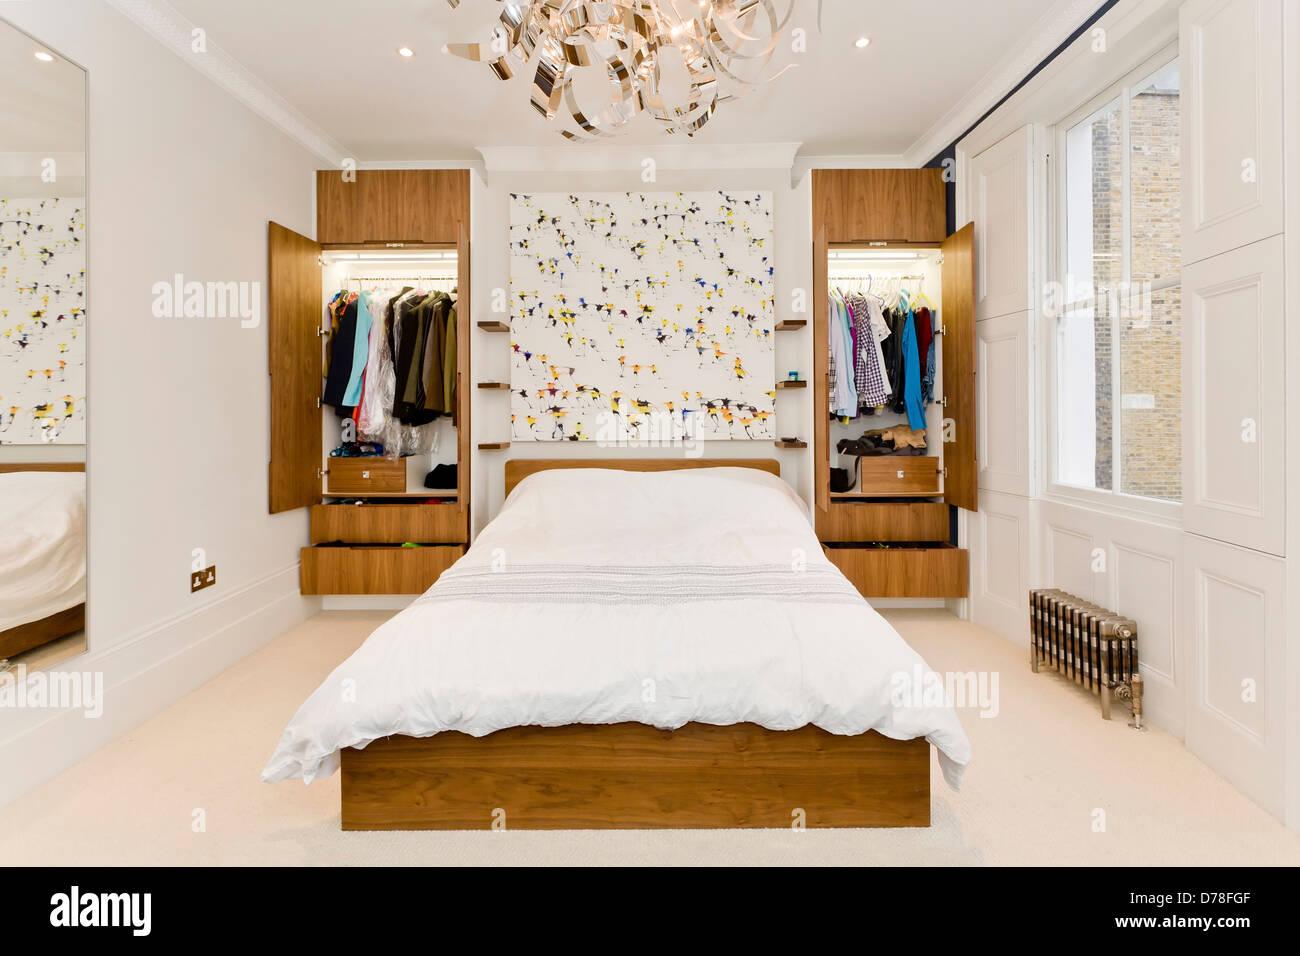 Offene Schranke Im Modernen Schlafzimmer Stockfoto Bild 56121535